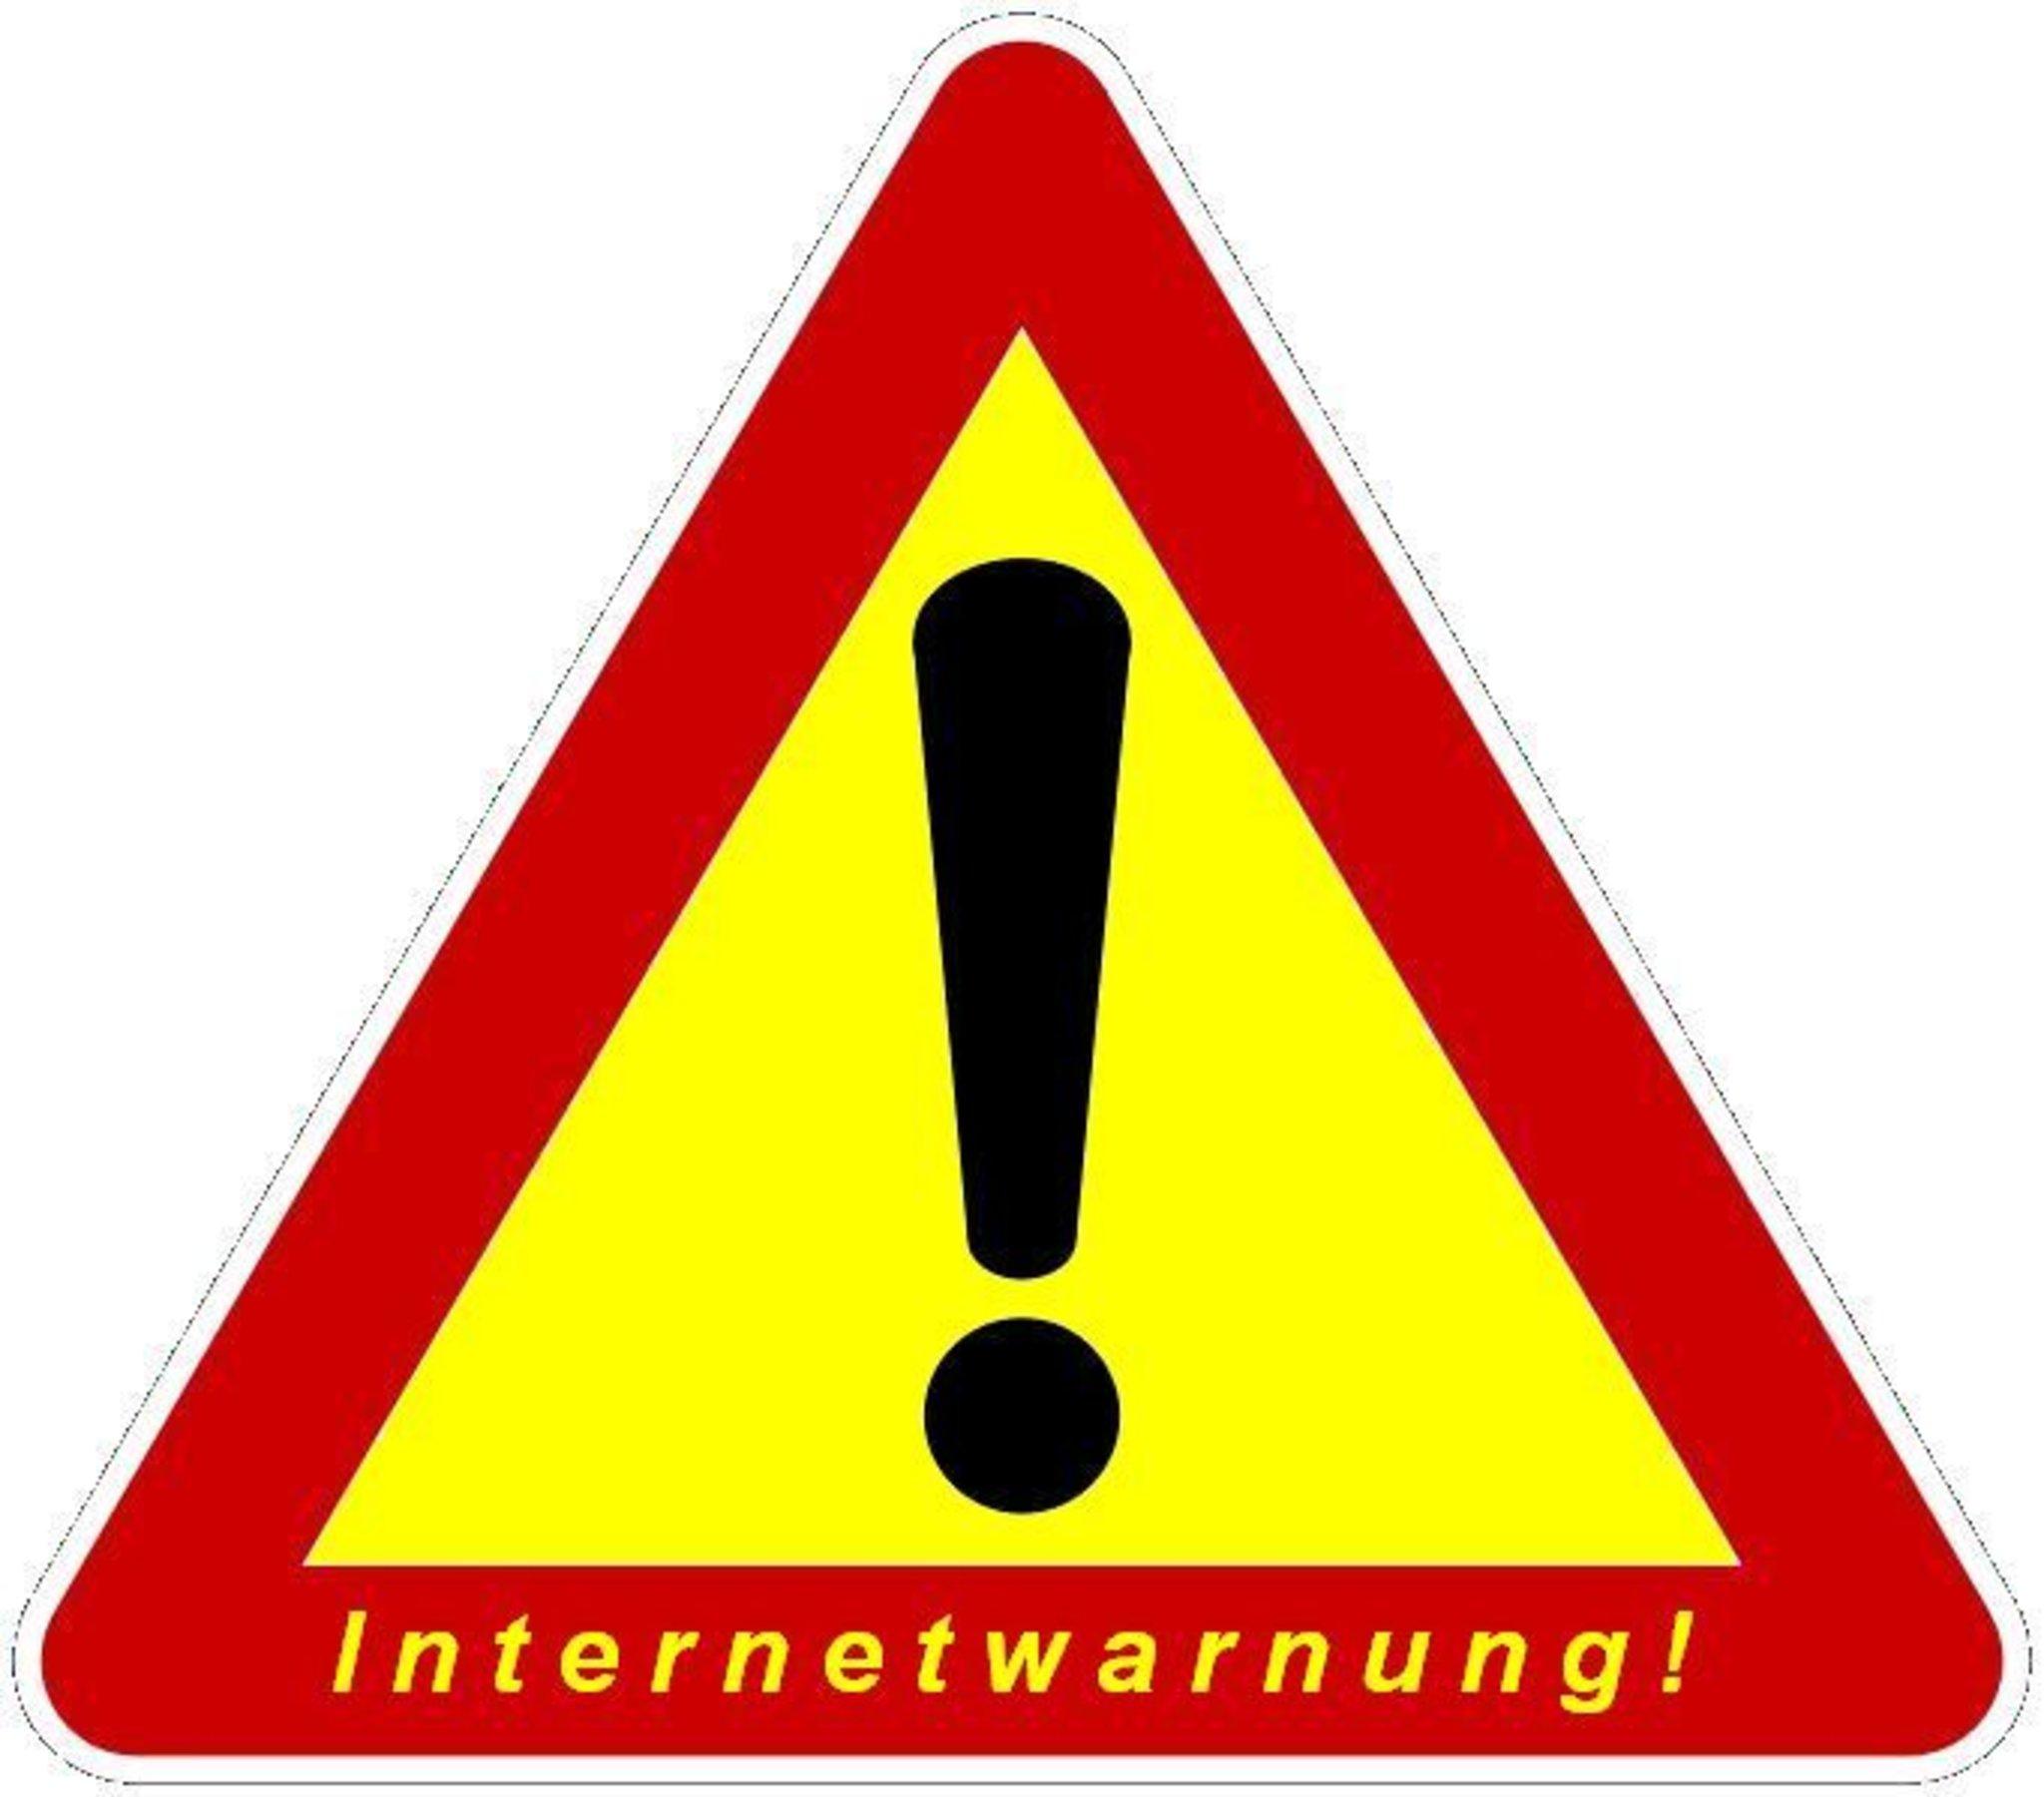 deutschen telekom vodafone sparkasse warnung vor falschen rechnungen mit banking trojaner. Black Bedroom Furniture Sets. Home Design Ideas